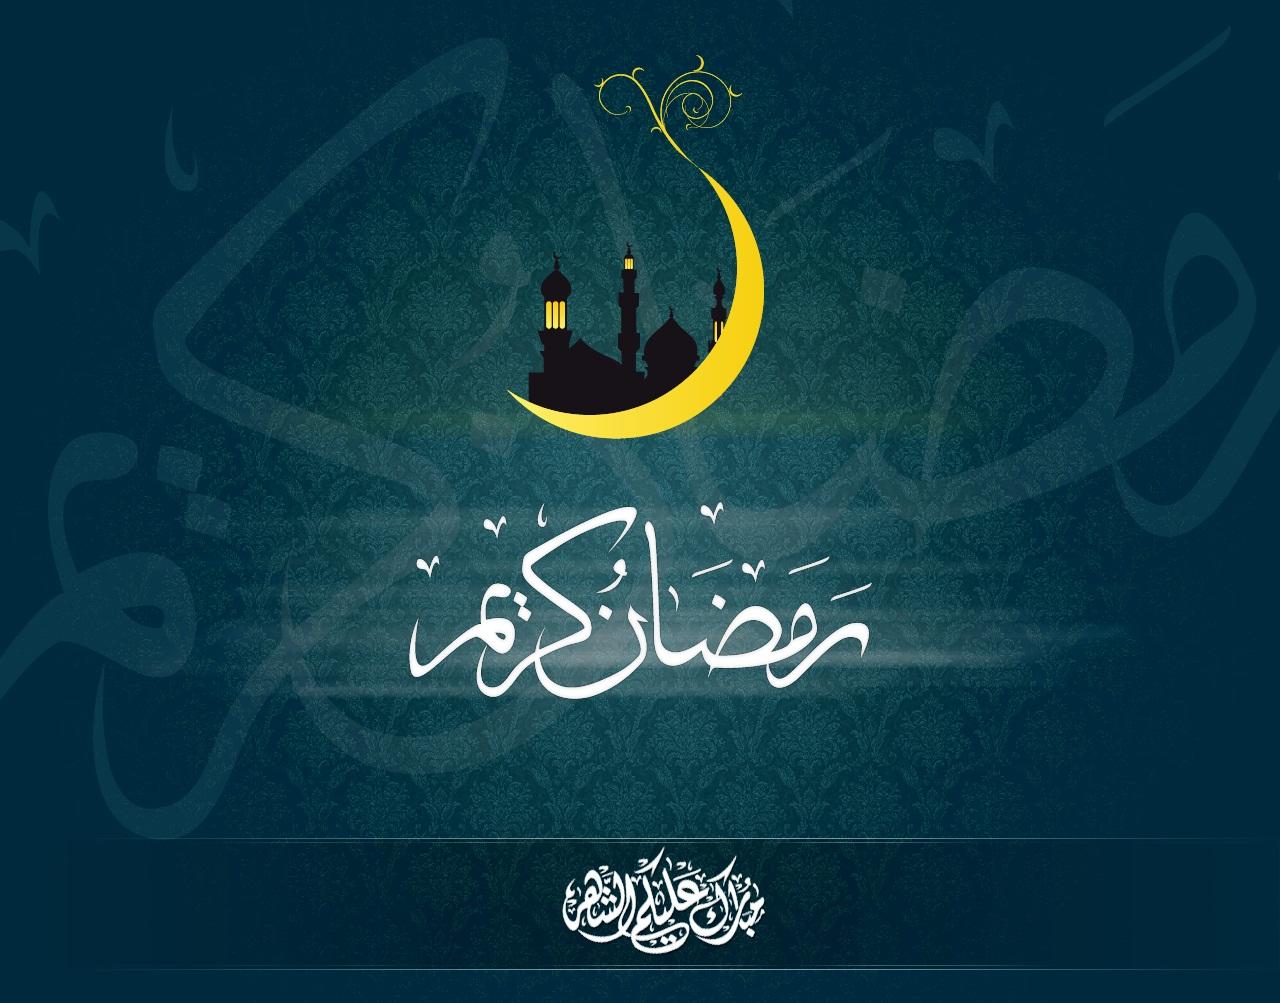 http://4.bp.blogspot.com/-x75o9CO_i1Y/Tja8mEn2k8I/AAAAAAAAA10/LbpuqrORra0/s1600/Ramadan-Mubarak-Wallpaper9.jpg